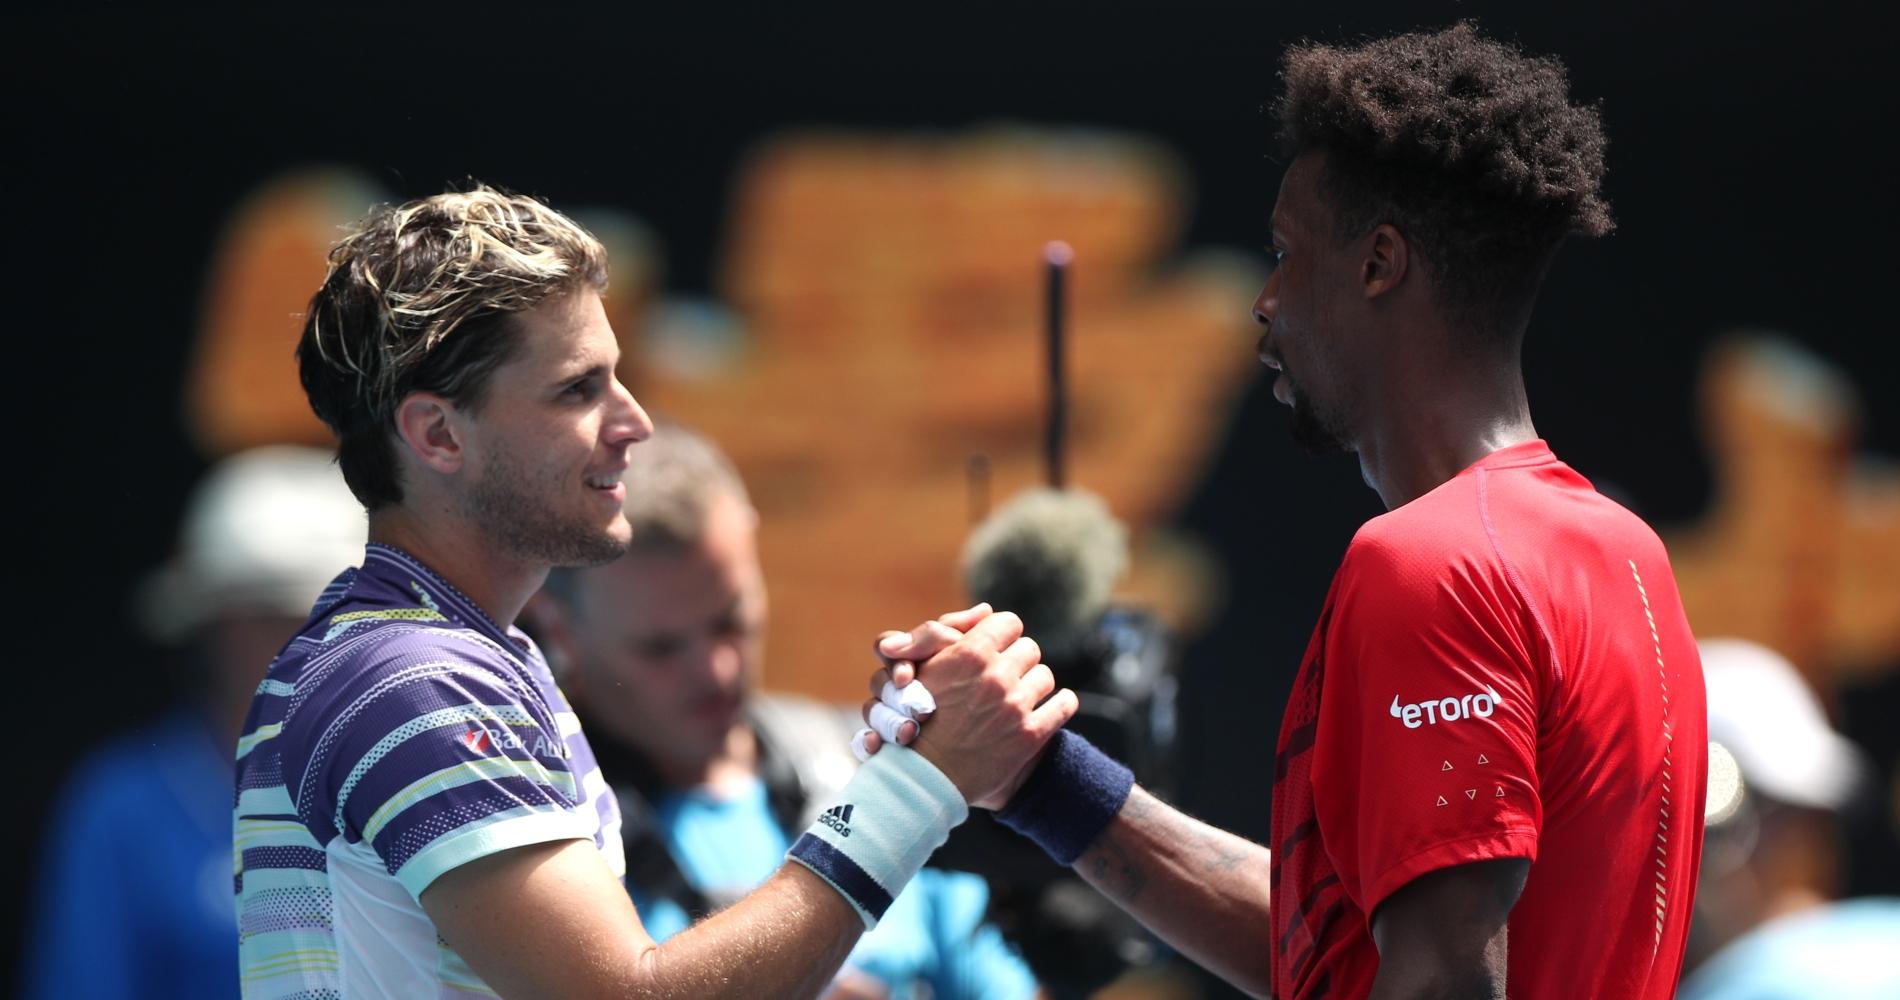 Dominic Thiem and Gaël Monfils, 2020 Australian Open